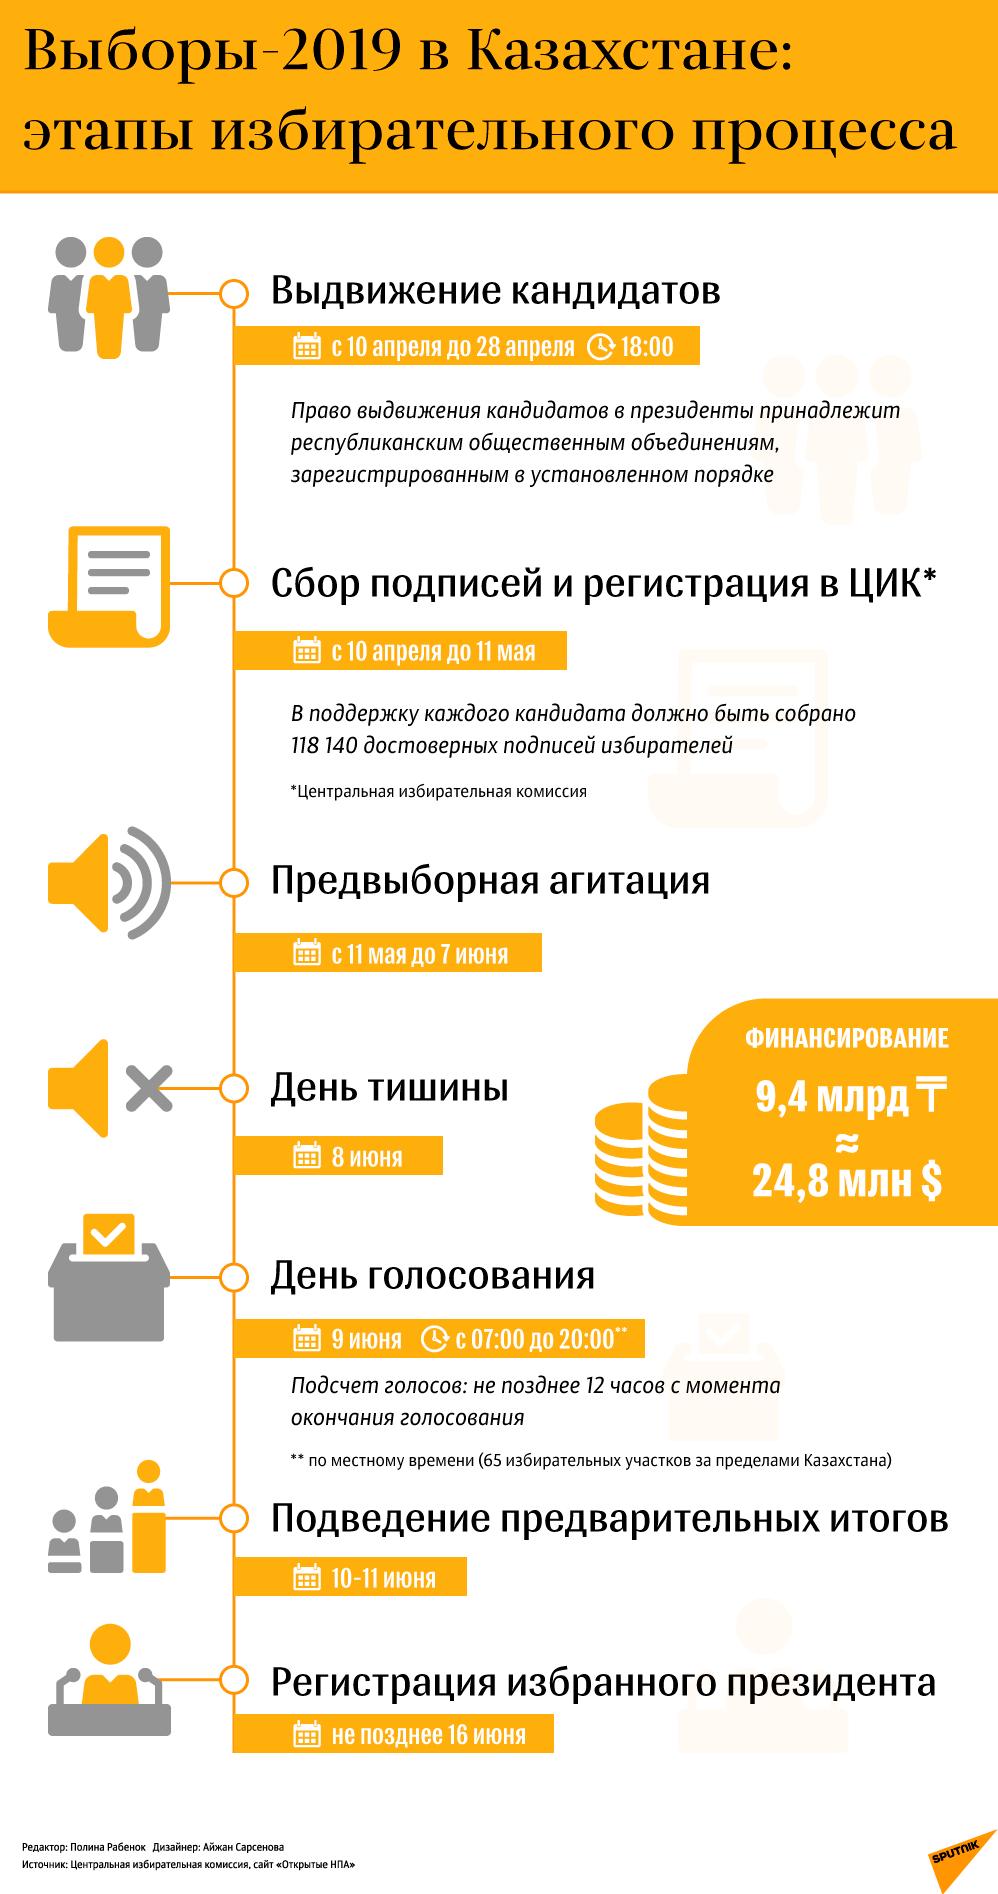 Выборы в Казахстане: этапы избирательного процесса